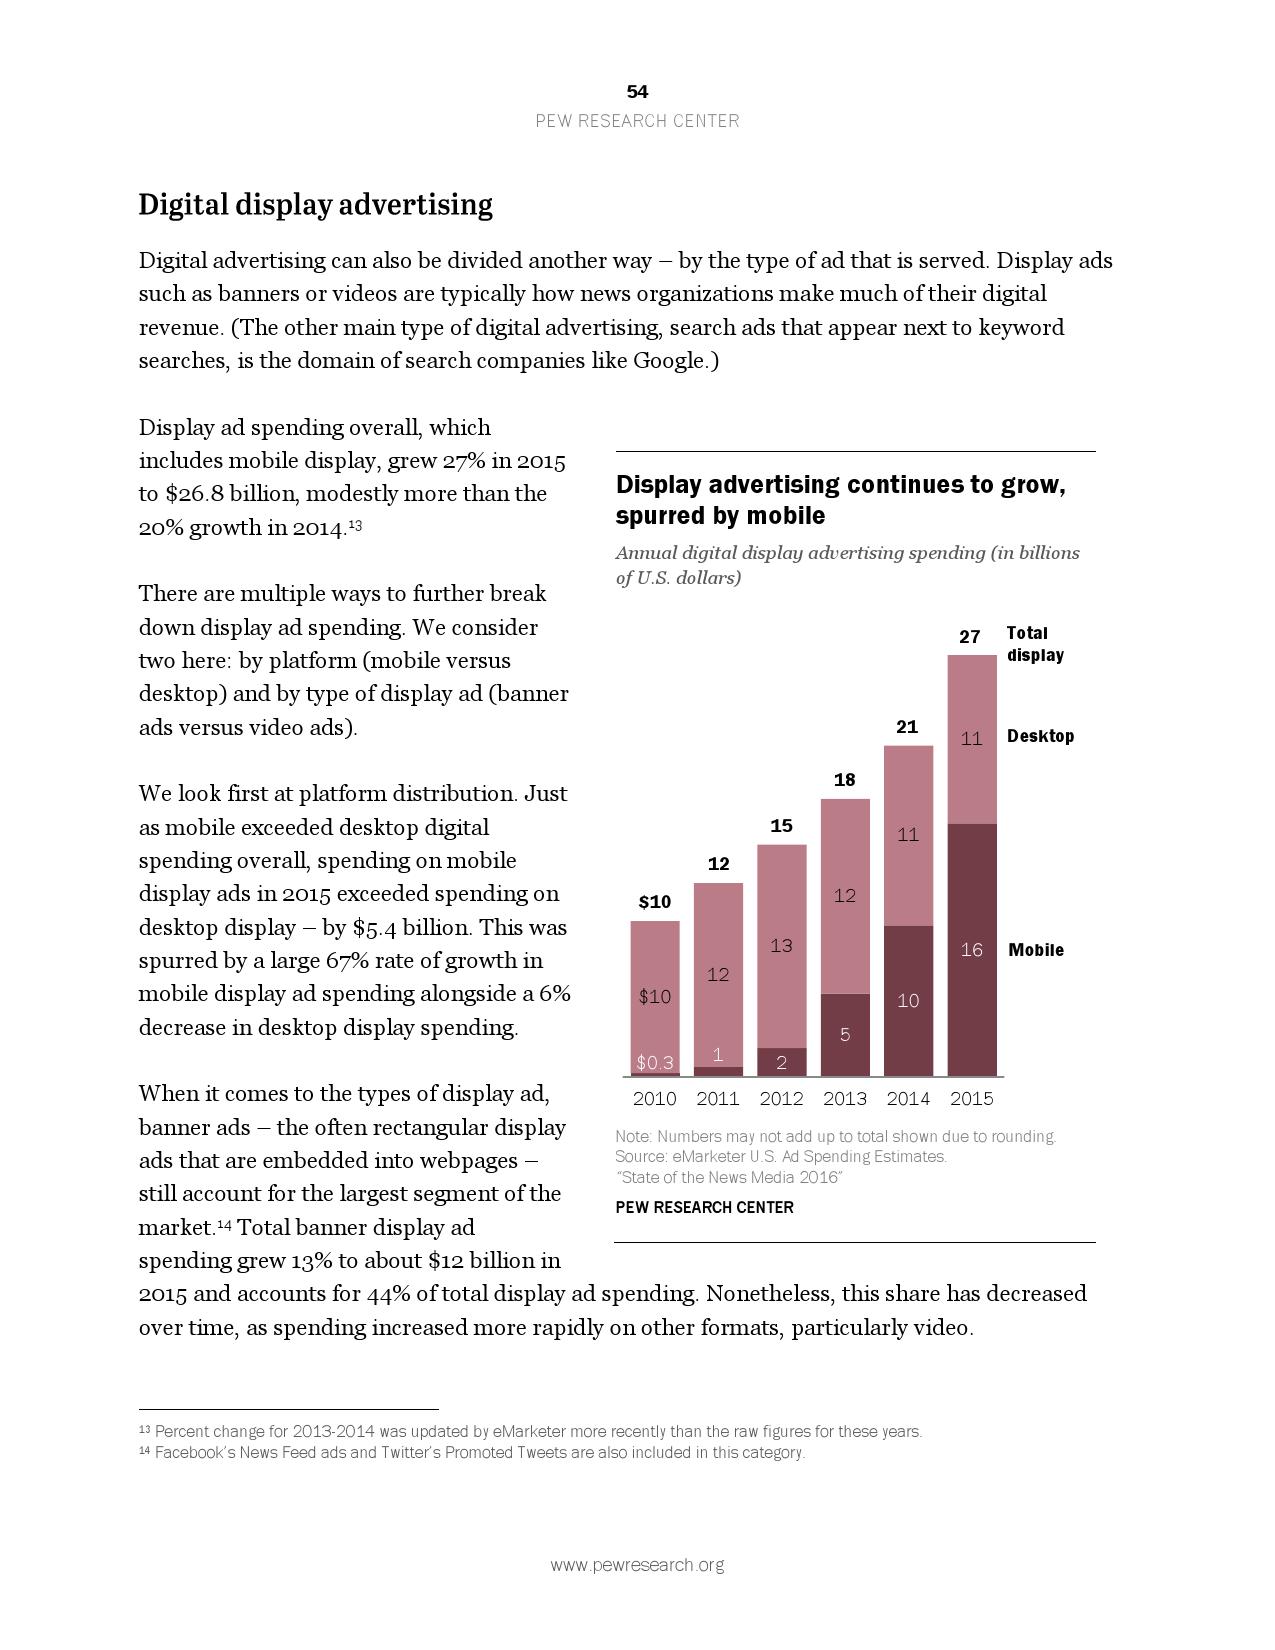 2016美国新媒体研究报告_000054